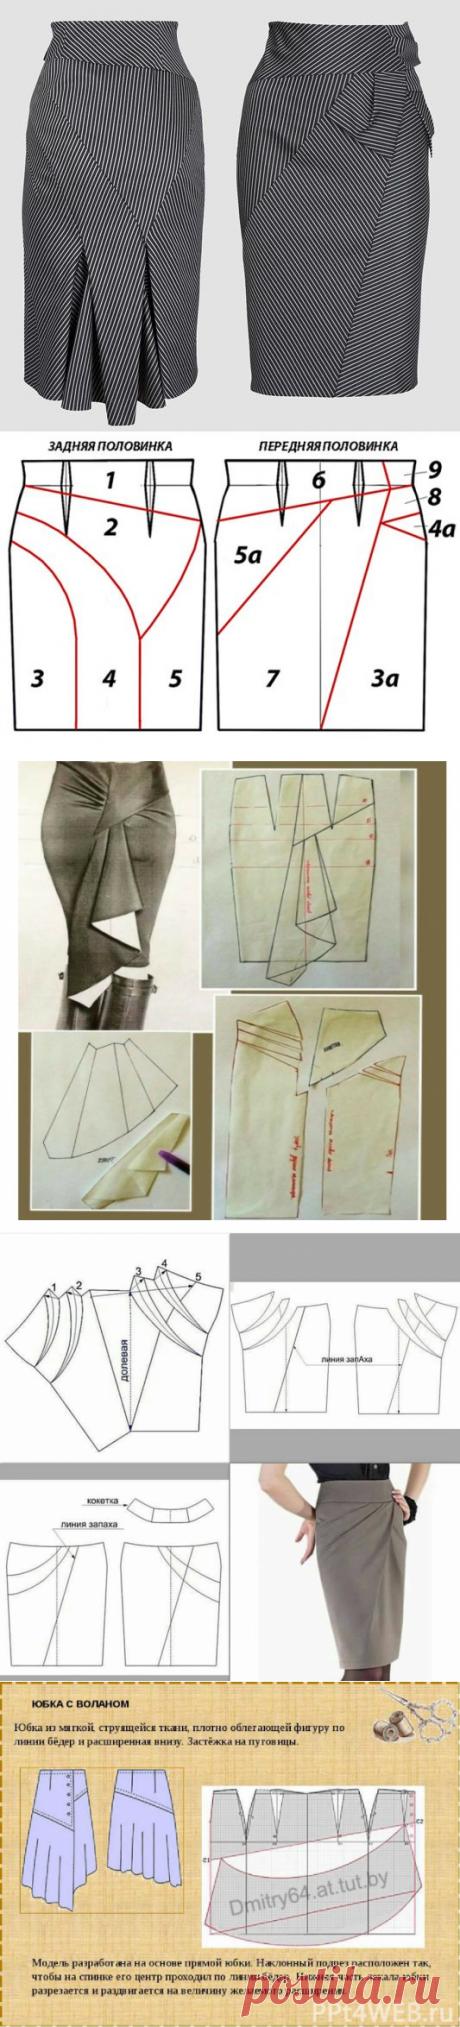 Моделирование юбок сложных фасонов